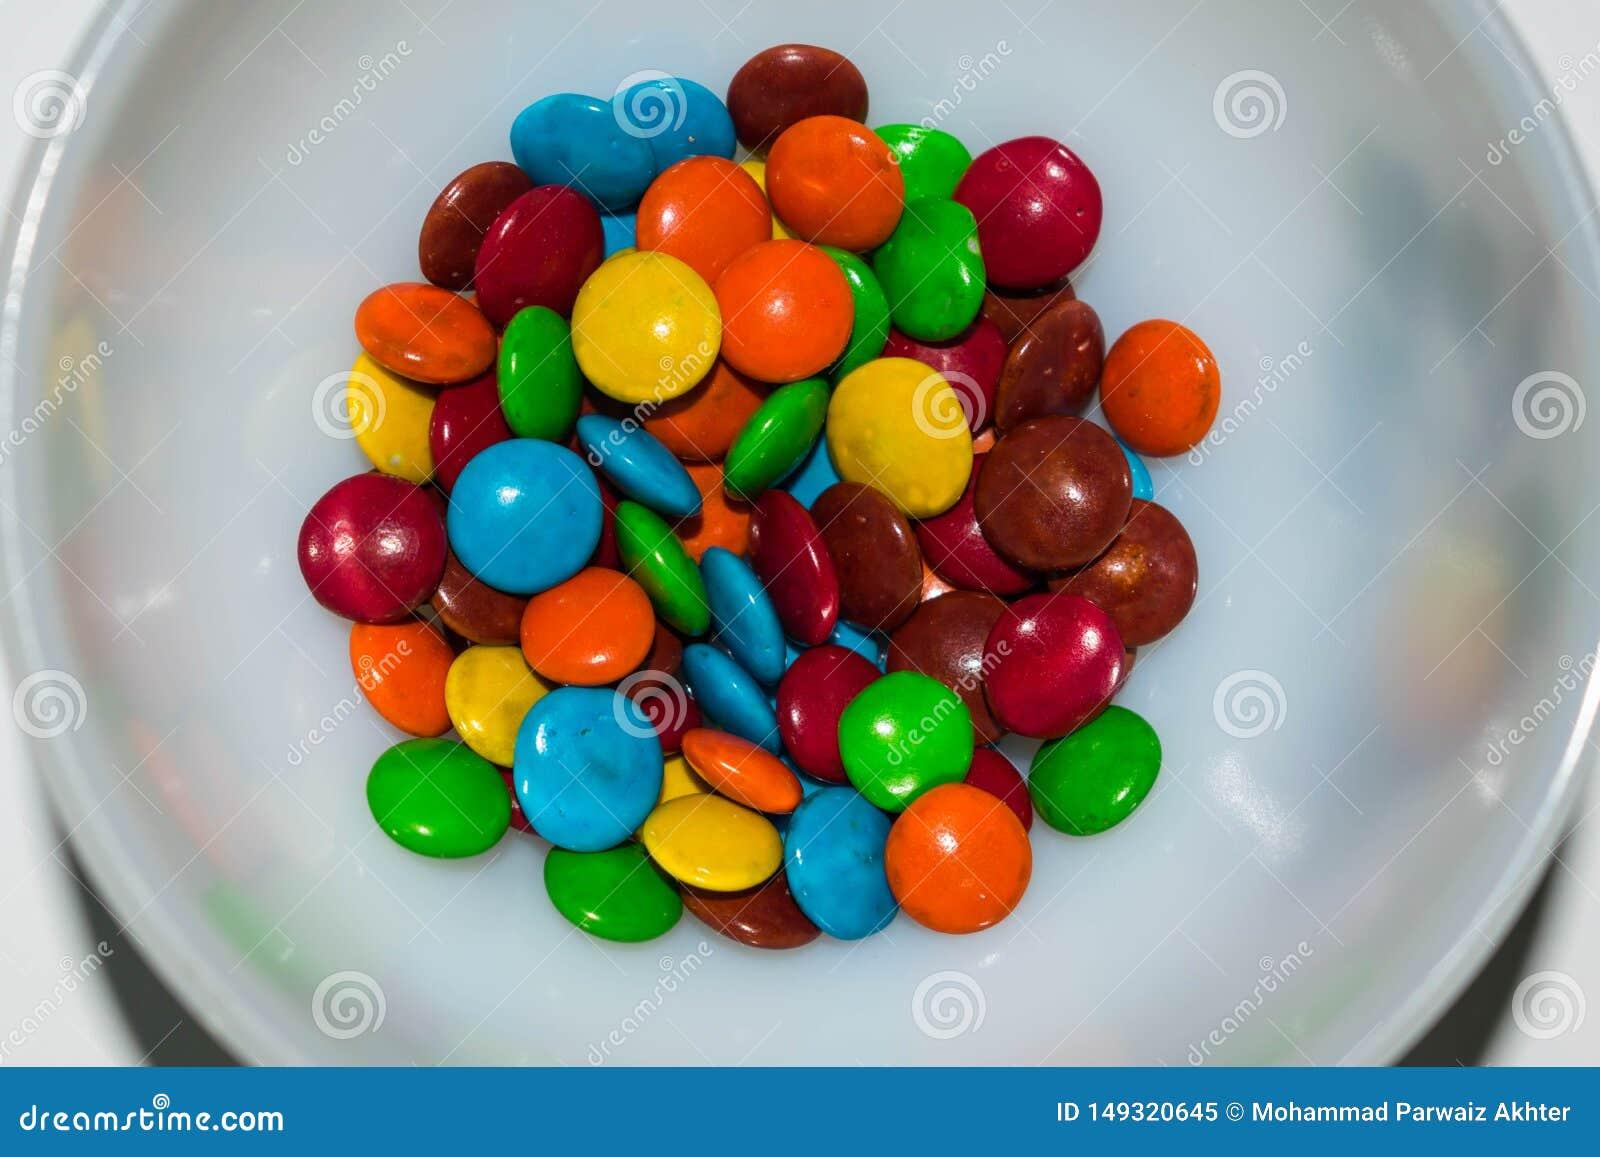 Bonbons au chocolat enduits color?s dans une cuvette blanche